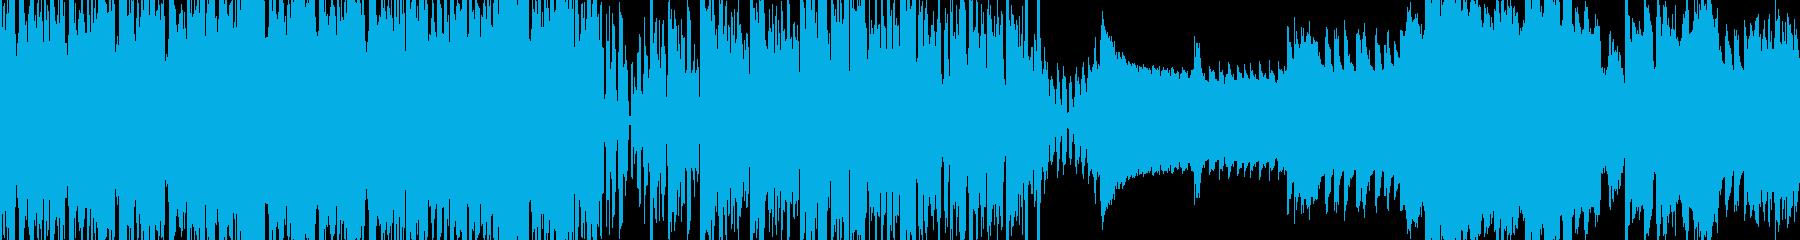 アゲMAXのクラブ系ダンスミュージックの再生済みの波形